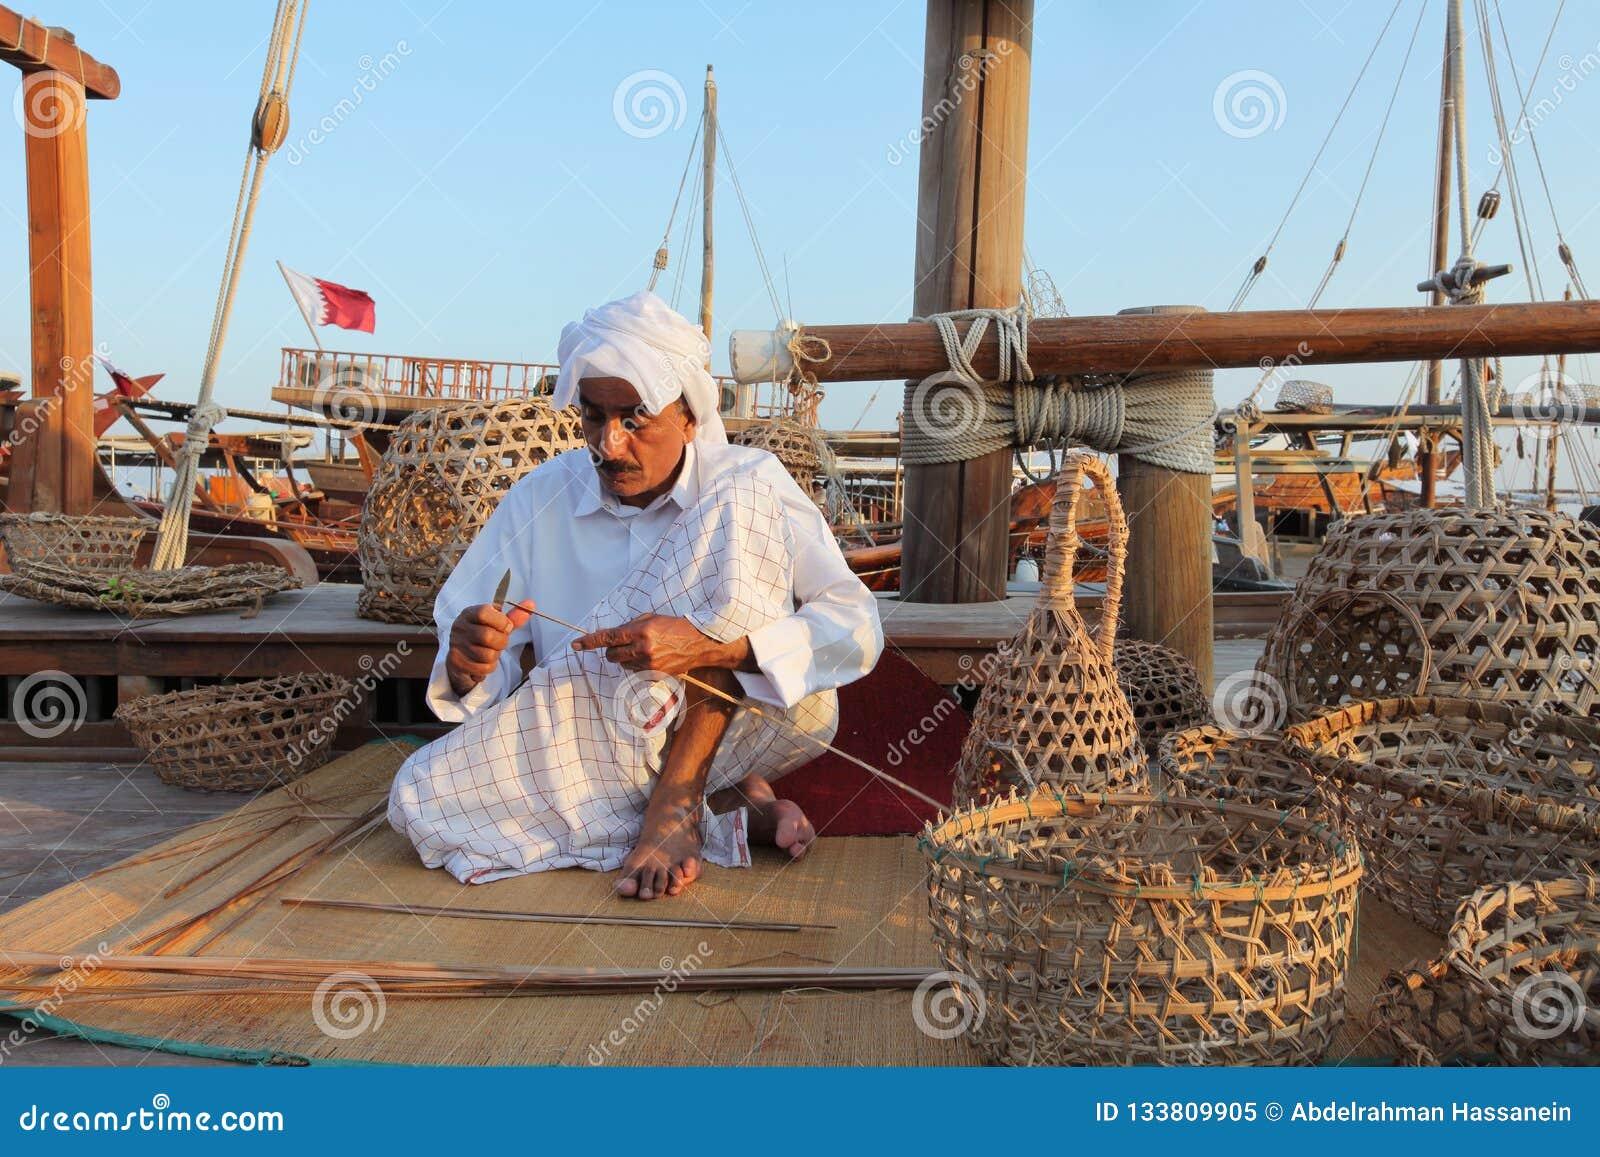 Handwerker, der traditionelle Fischereikörbe macht